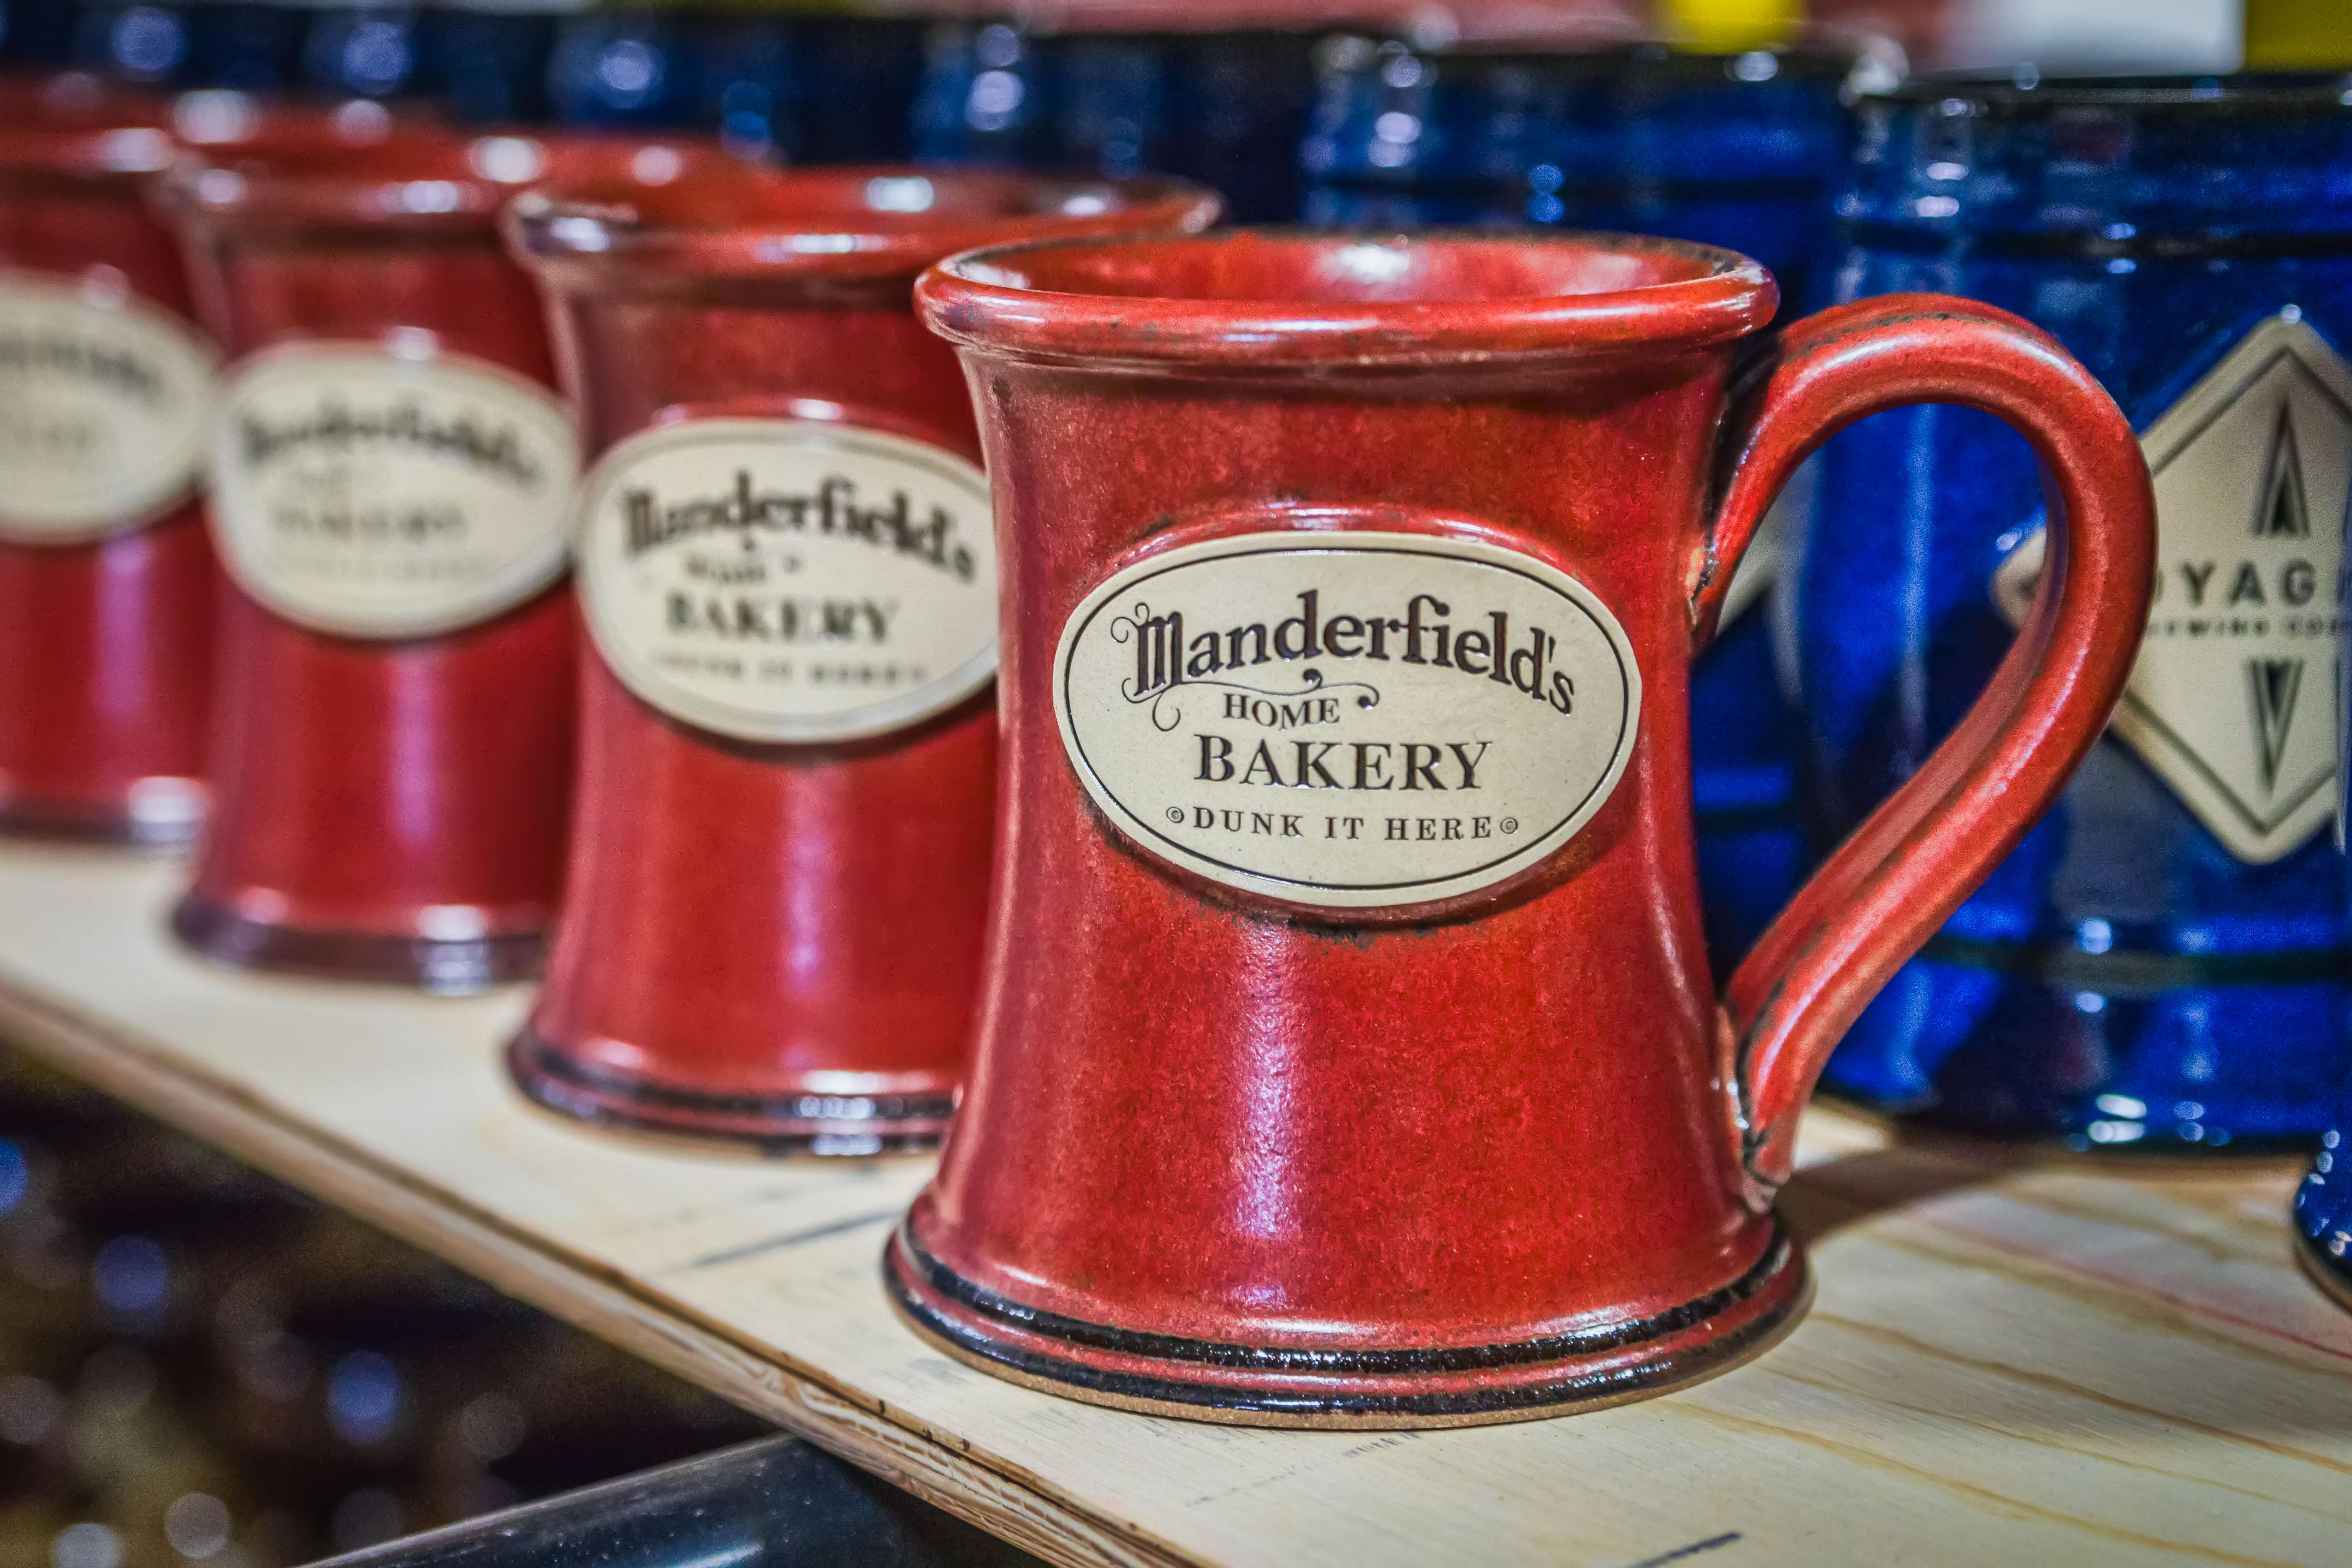 Manderfield's Home Bakery